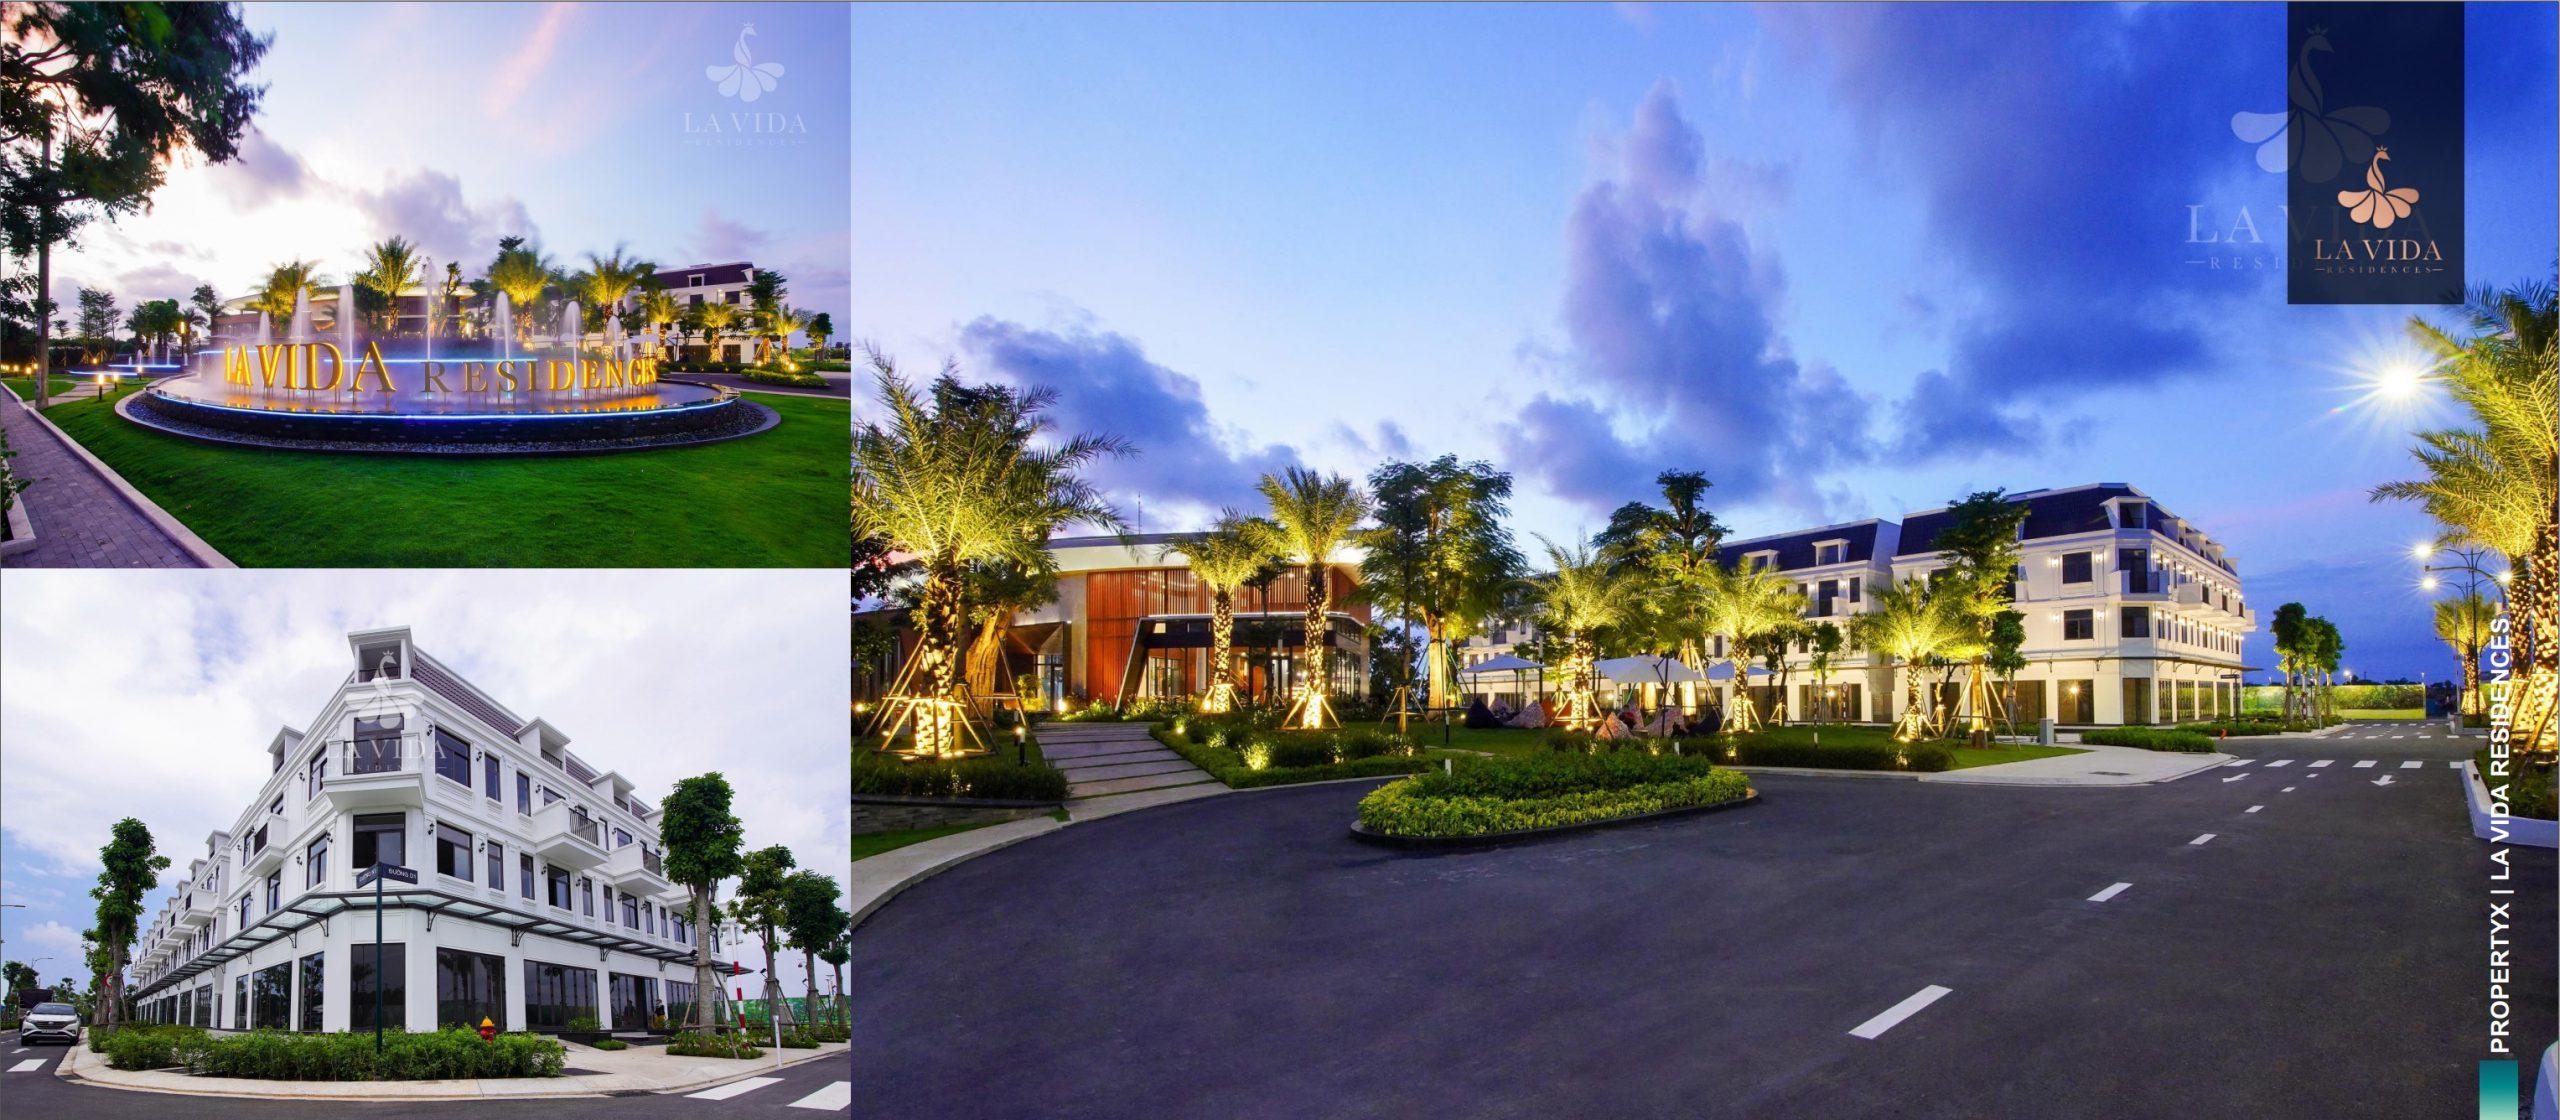 tien-do-xay-dung-du-an-la-vida-residences-thang-11-2020-2